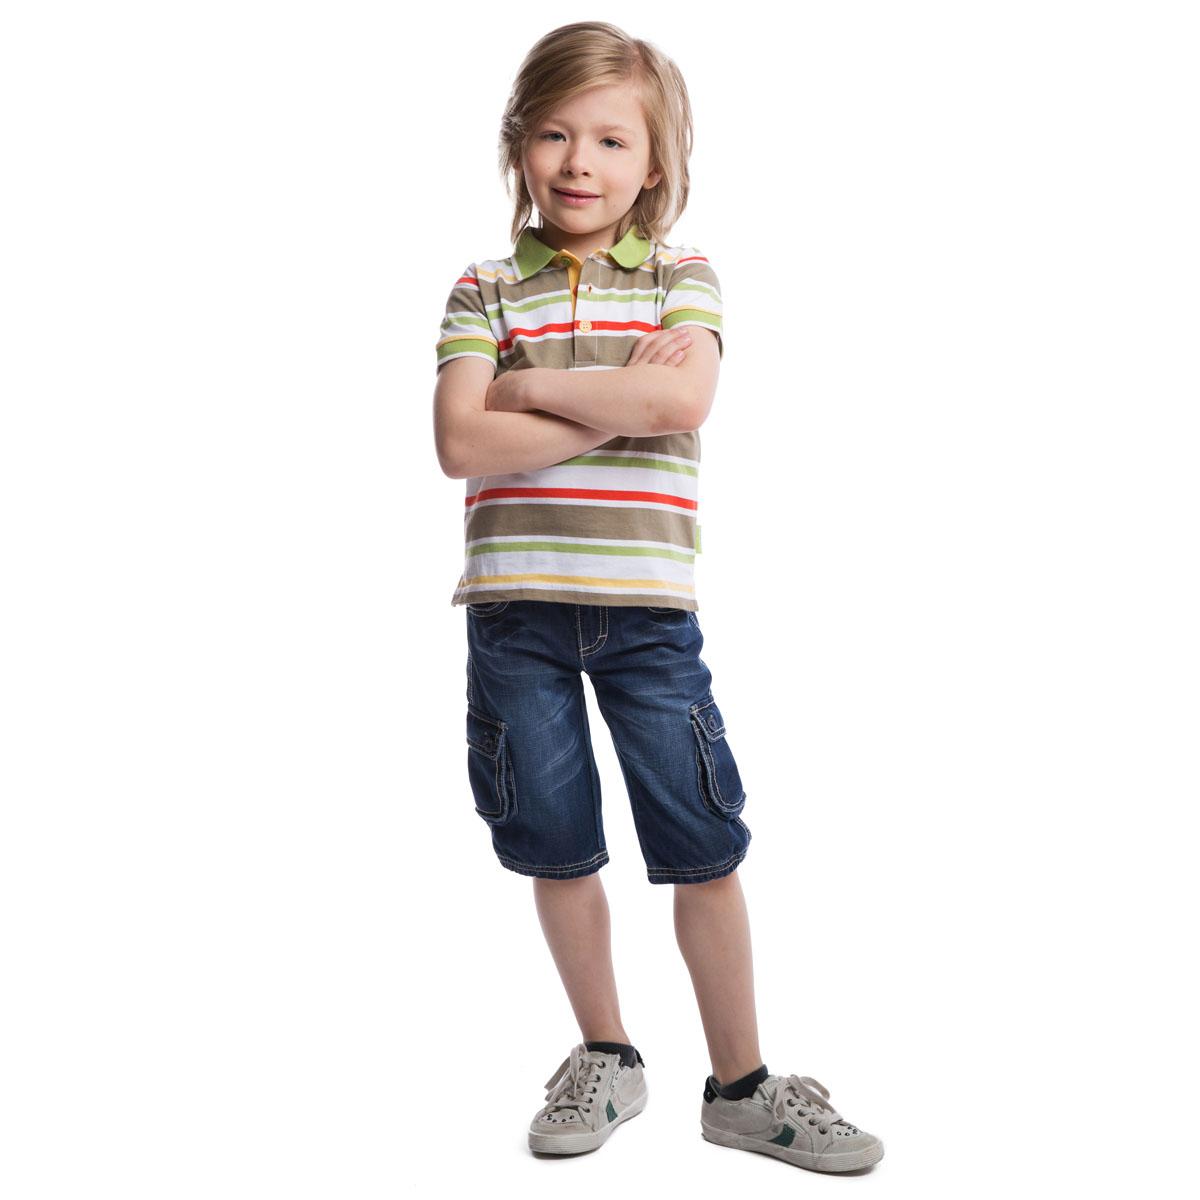 Футболка-поло для мальчика. 261008261008Футболка-поло для мальчика PlayToday идеально подойдет маленькому моднику и станет отличным дополнением к его гардеробу. Изготовленная из натурального хлопка, она мягкая и приятная на ощупь, не сковывает движения ребенка и позволяет коже дышать, обеспечивая наибольший комфорт. Футболка-поло с отложным воротником и короткими рукавами застегивается от горловины на три пуговицы. Низ рукавов и воротник выполнены в виде трикотажной резинки. Модель пестровязанная, благодаря чему не футболка не потеряет свой цвет даже после многократных стирок. Сбоку имеется небольшая текстильная нашивка с логотипом бренда. В такой футболке-поло ребенок будет чувствовать себя комфортно, уютно и всегда будет в центре внимания!